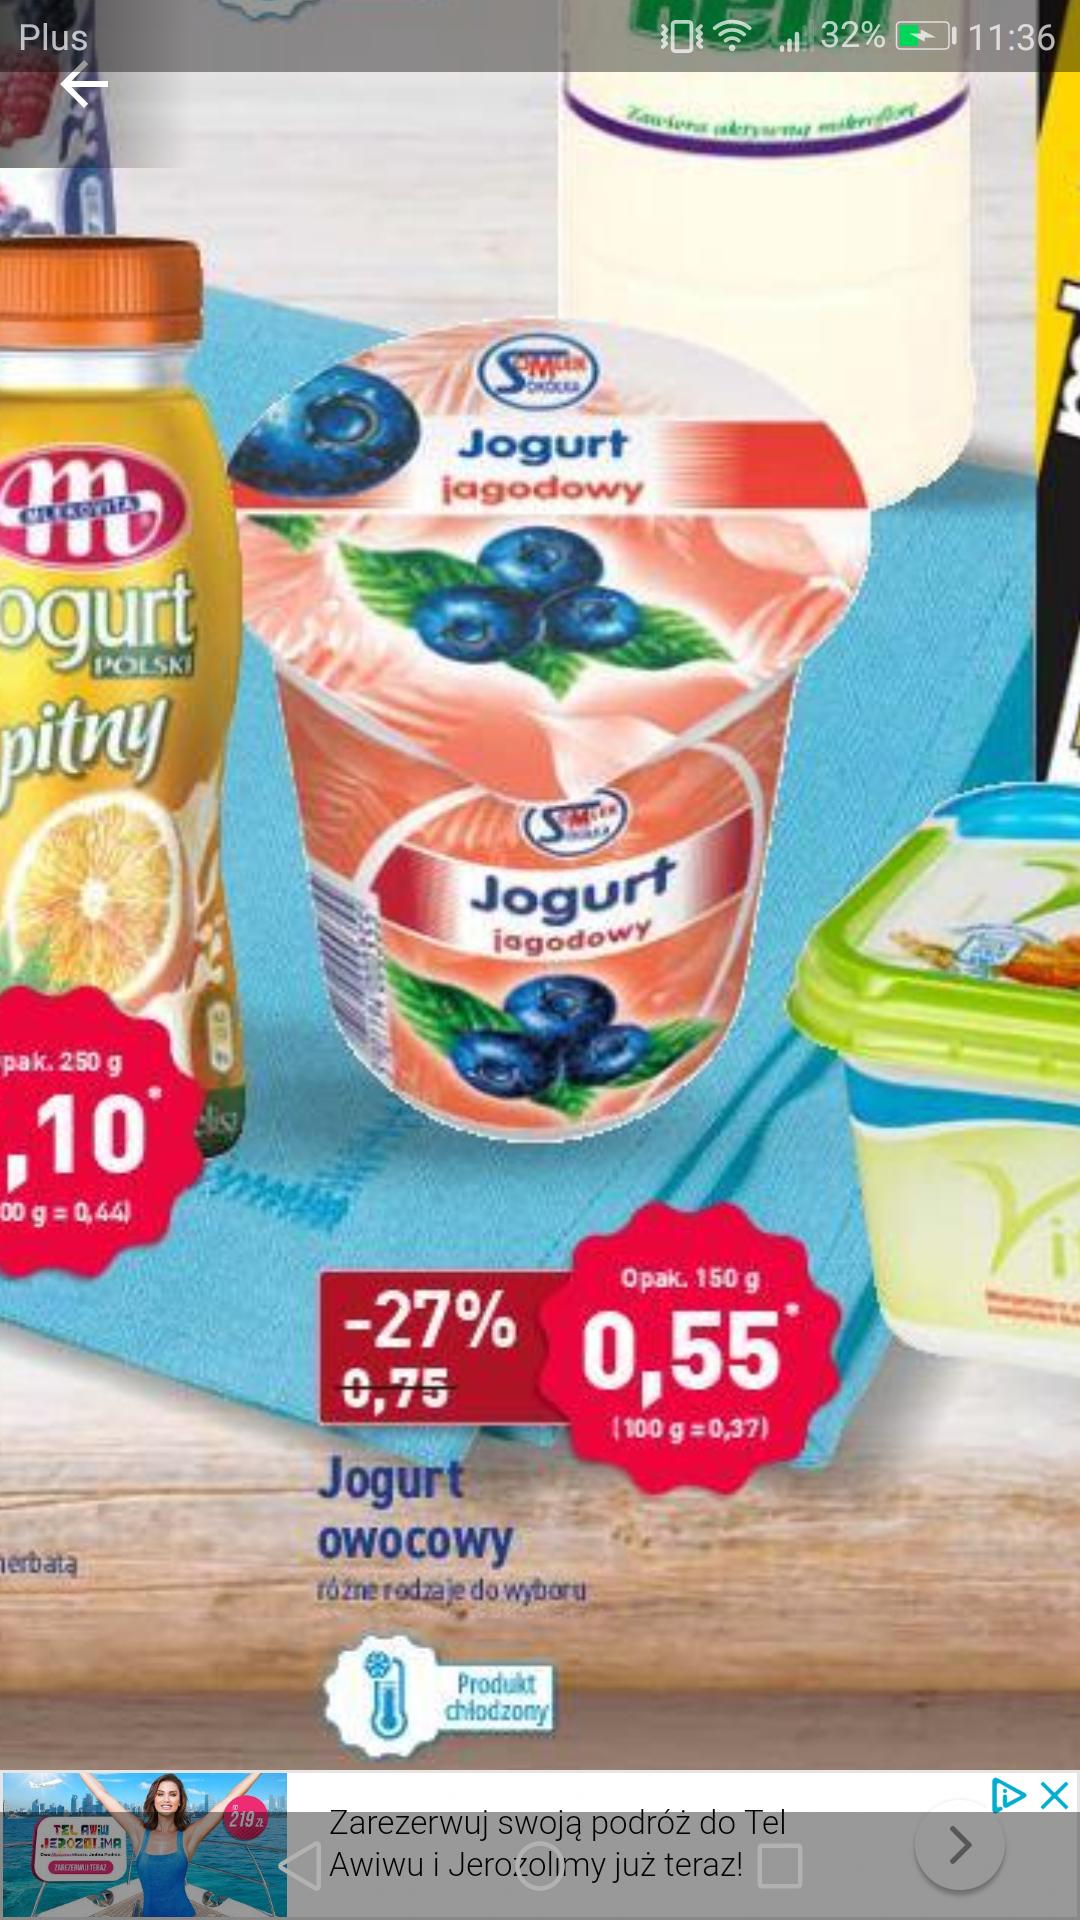 Aldi Jogurt 150g za 55 groszy Różne Smaki